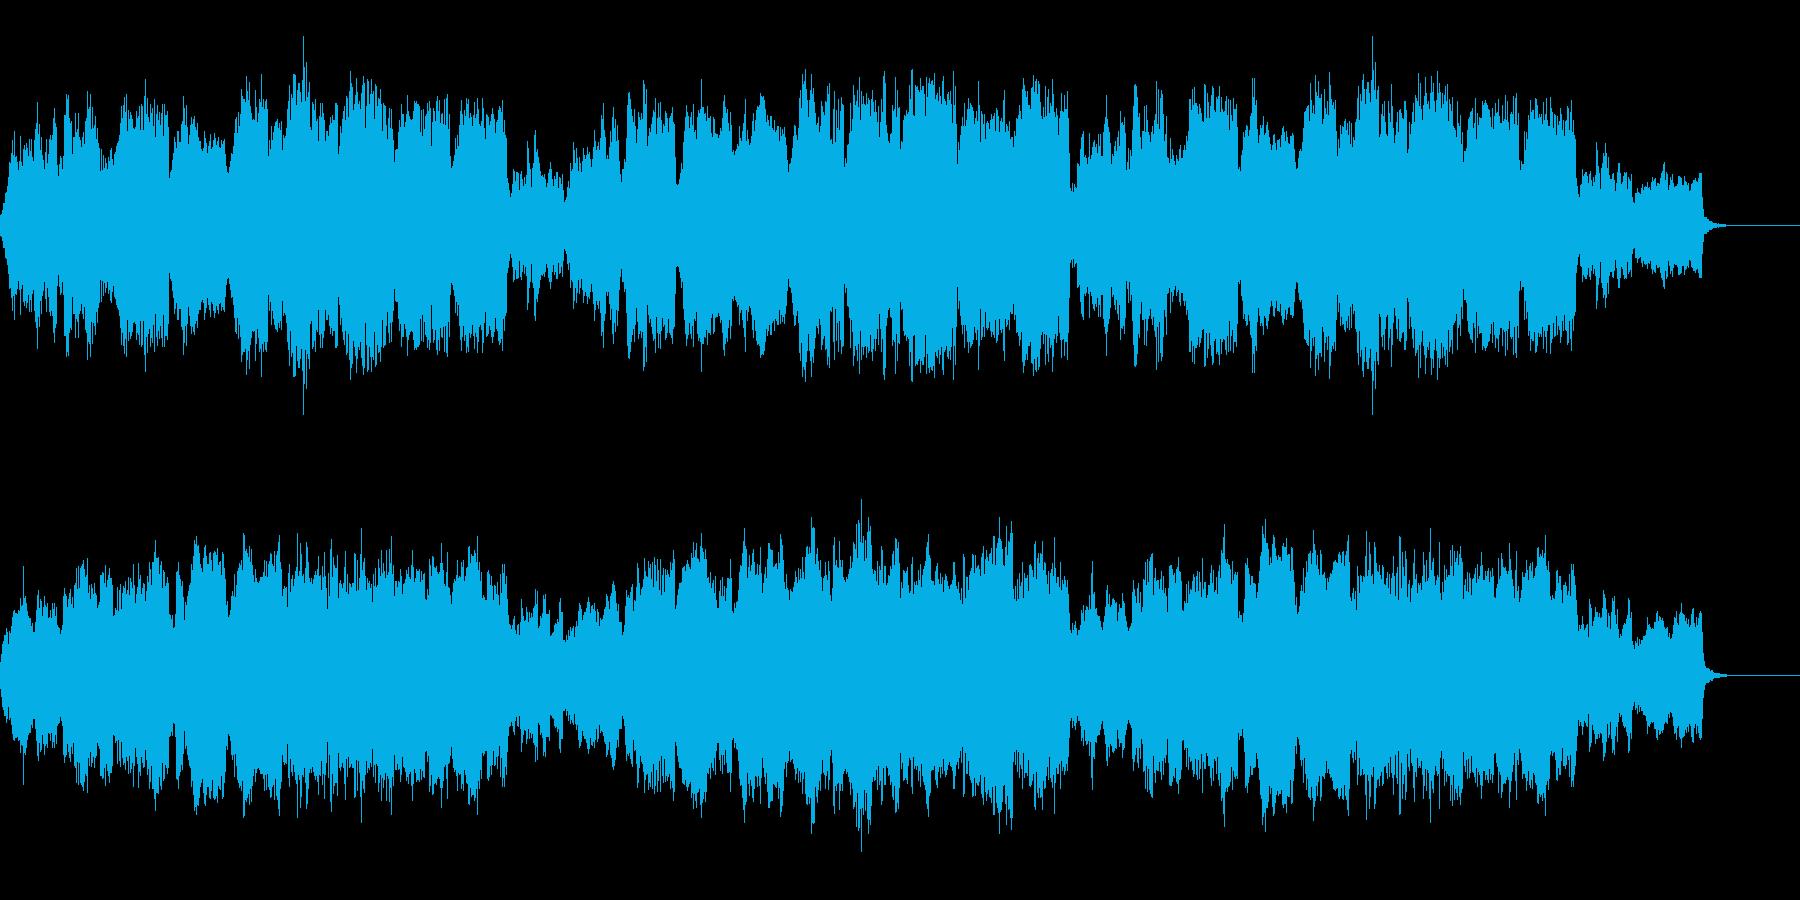 静かな優しい風景のオーケストラBGMの再生済みの波形